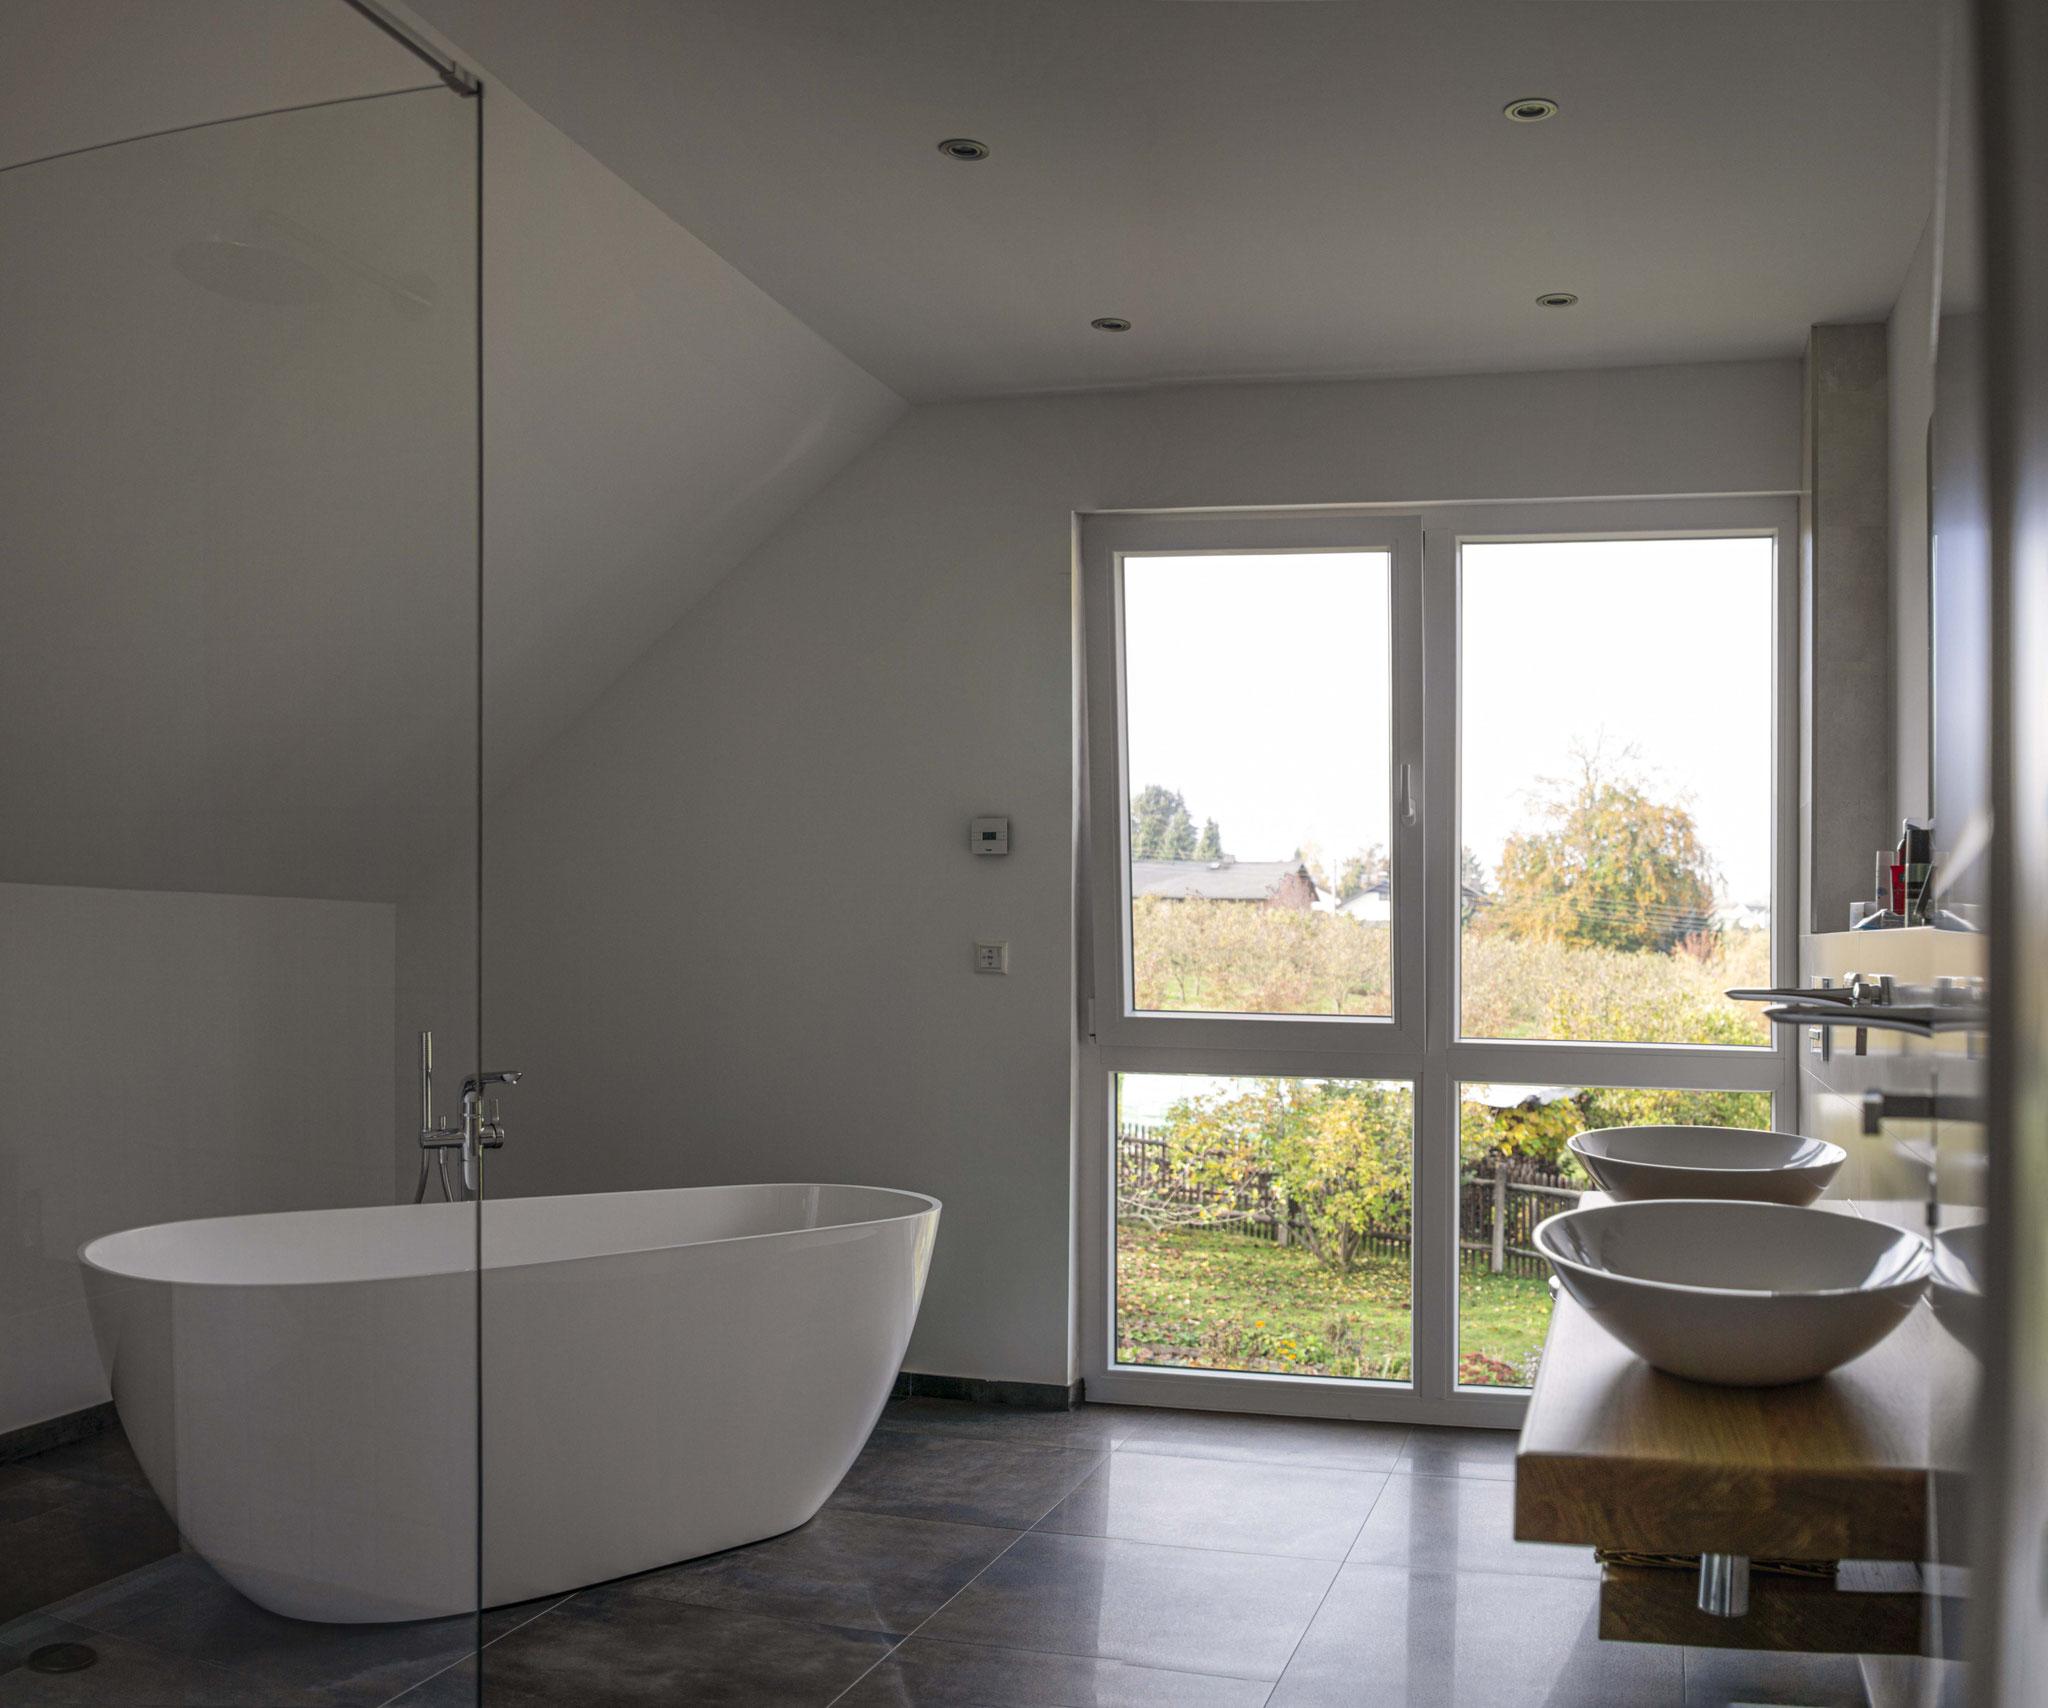 Ein großzügiges Bad lädt zum Entspannen ein. Foto: Dominik frank